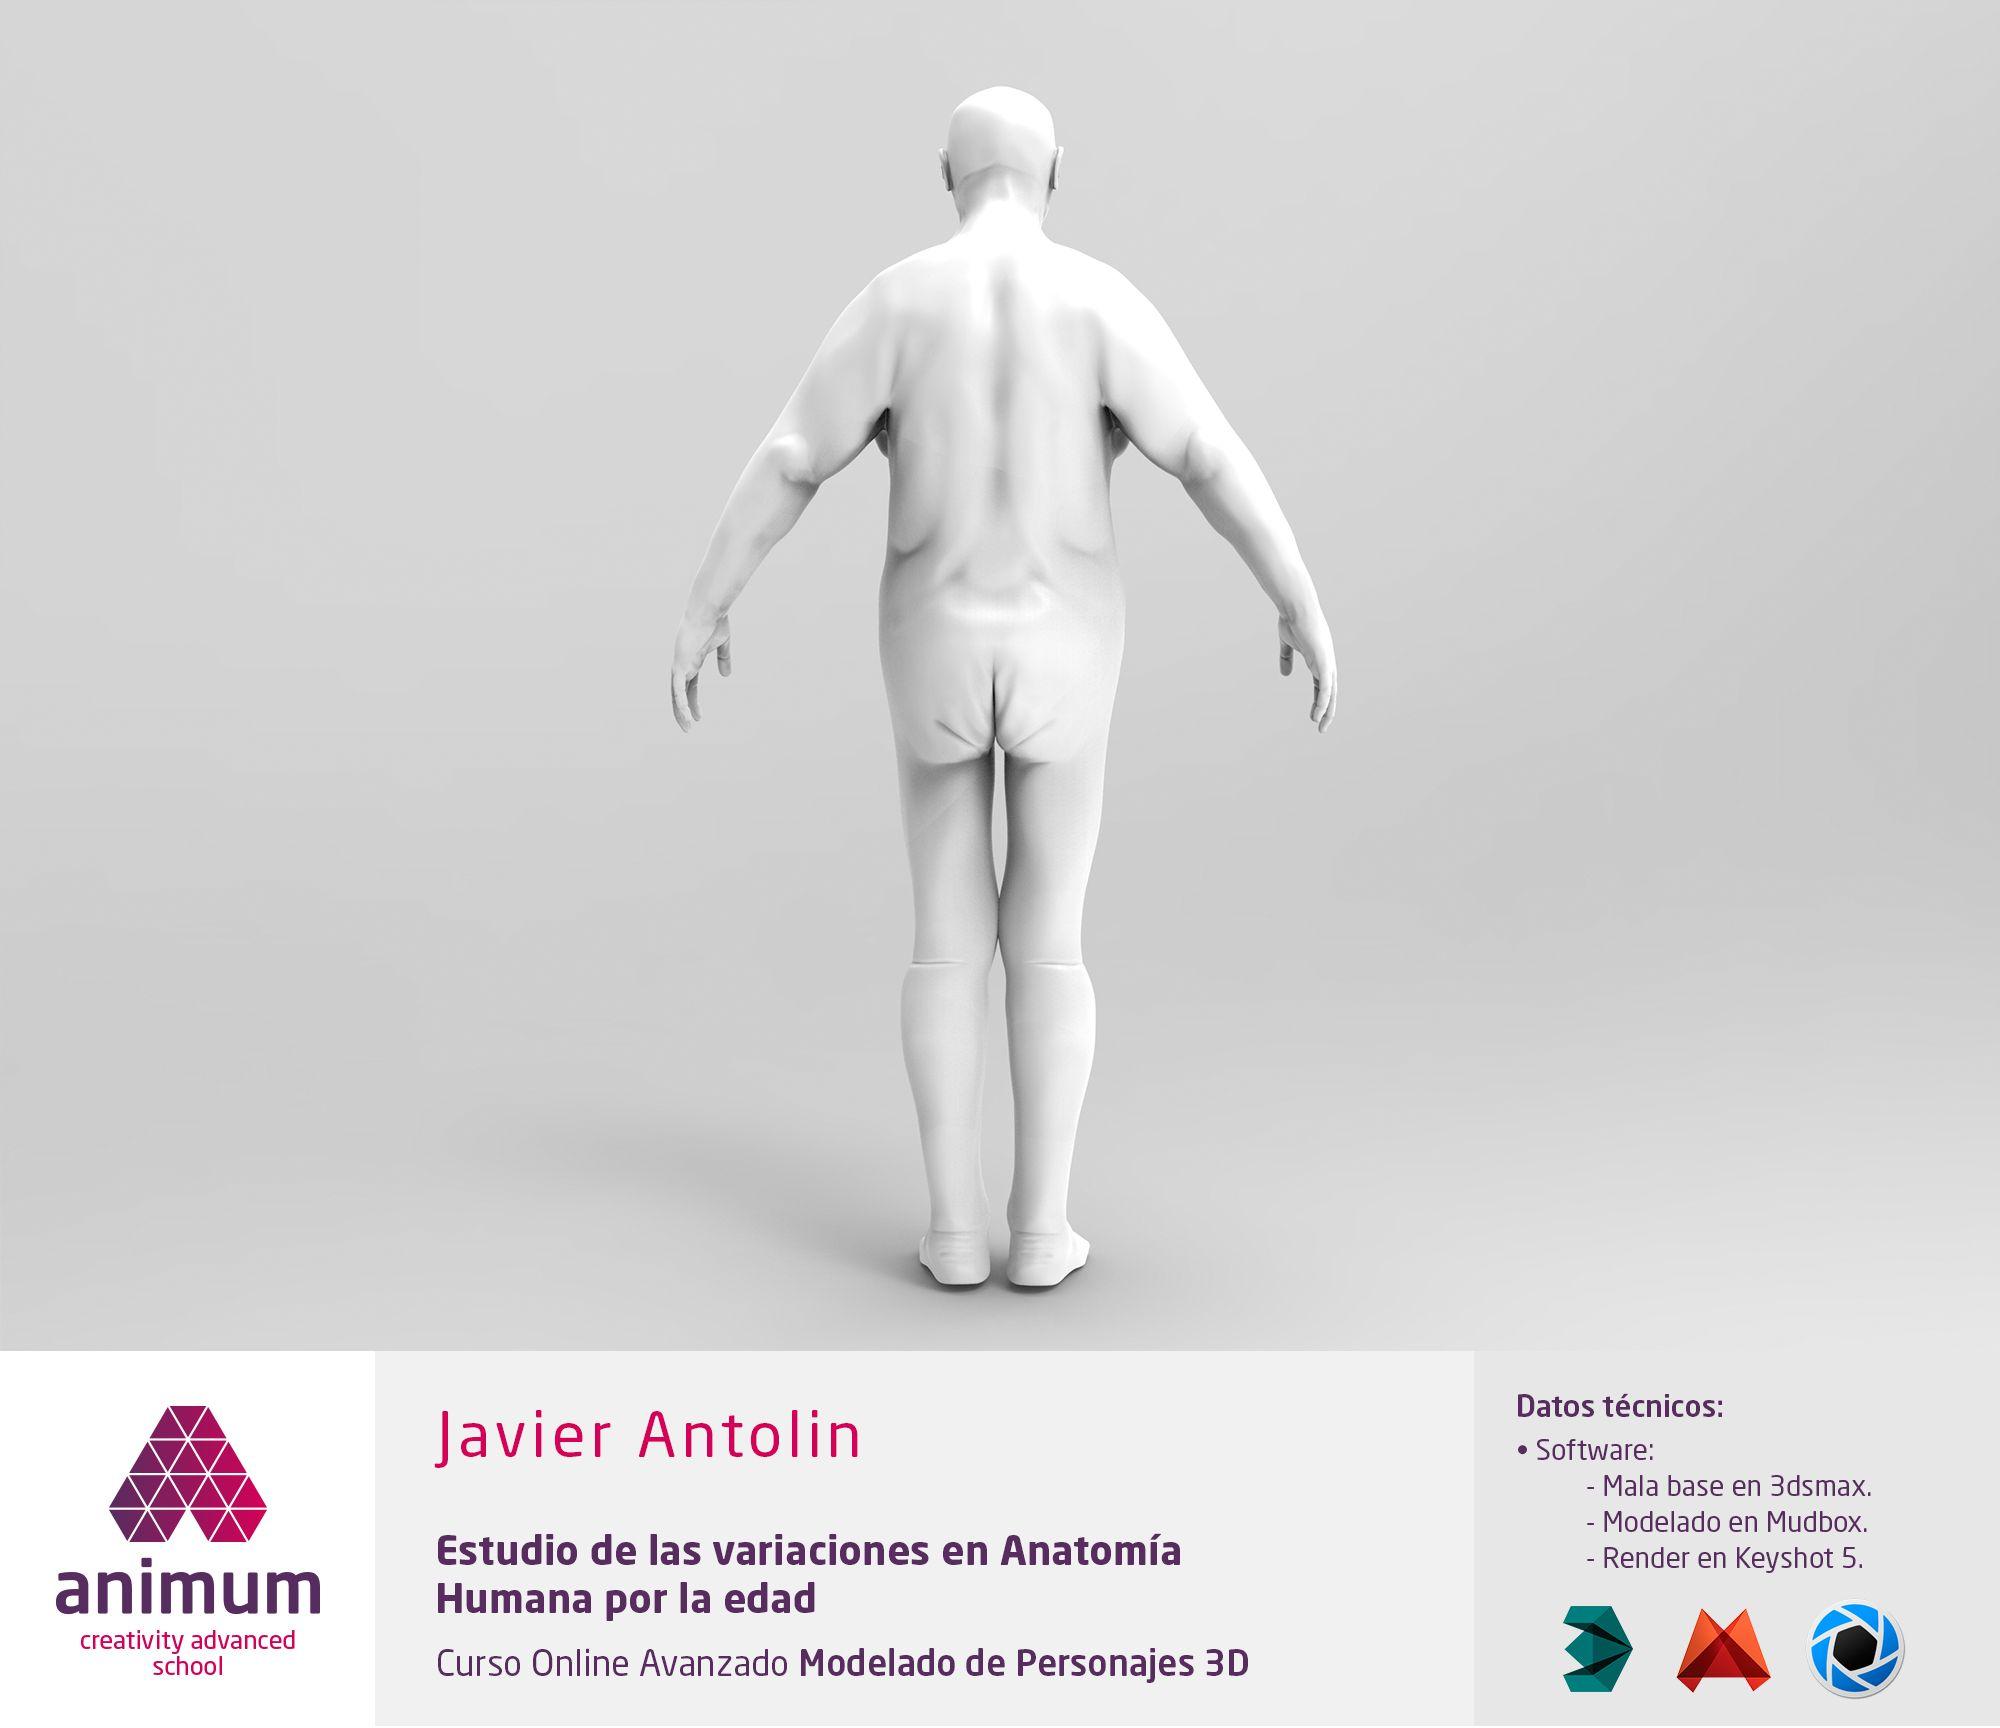 Estudio de anatomía humana. Variaciones por la edad. Vista posterior ...